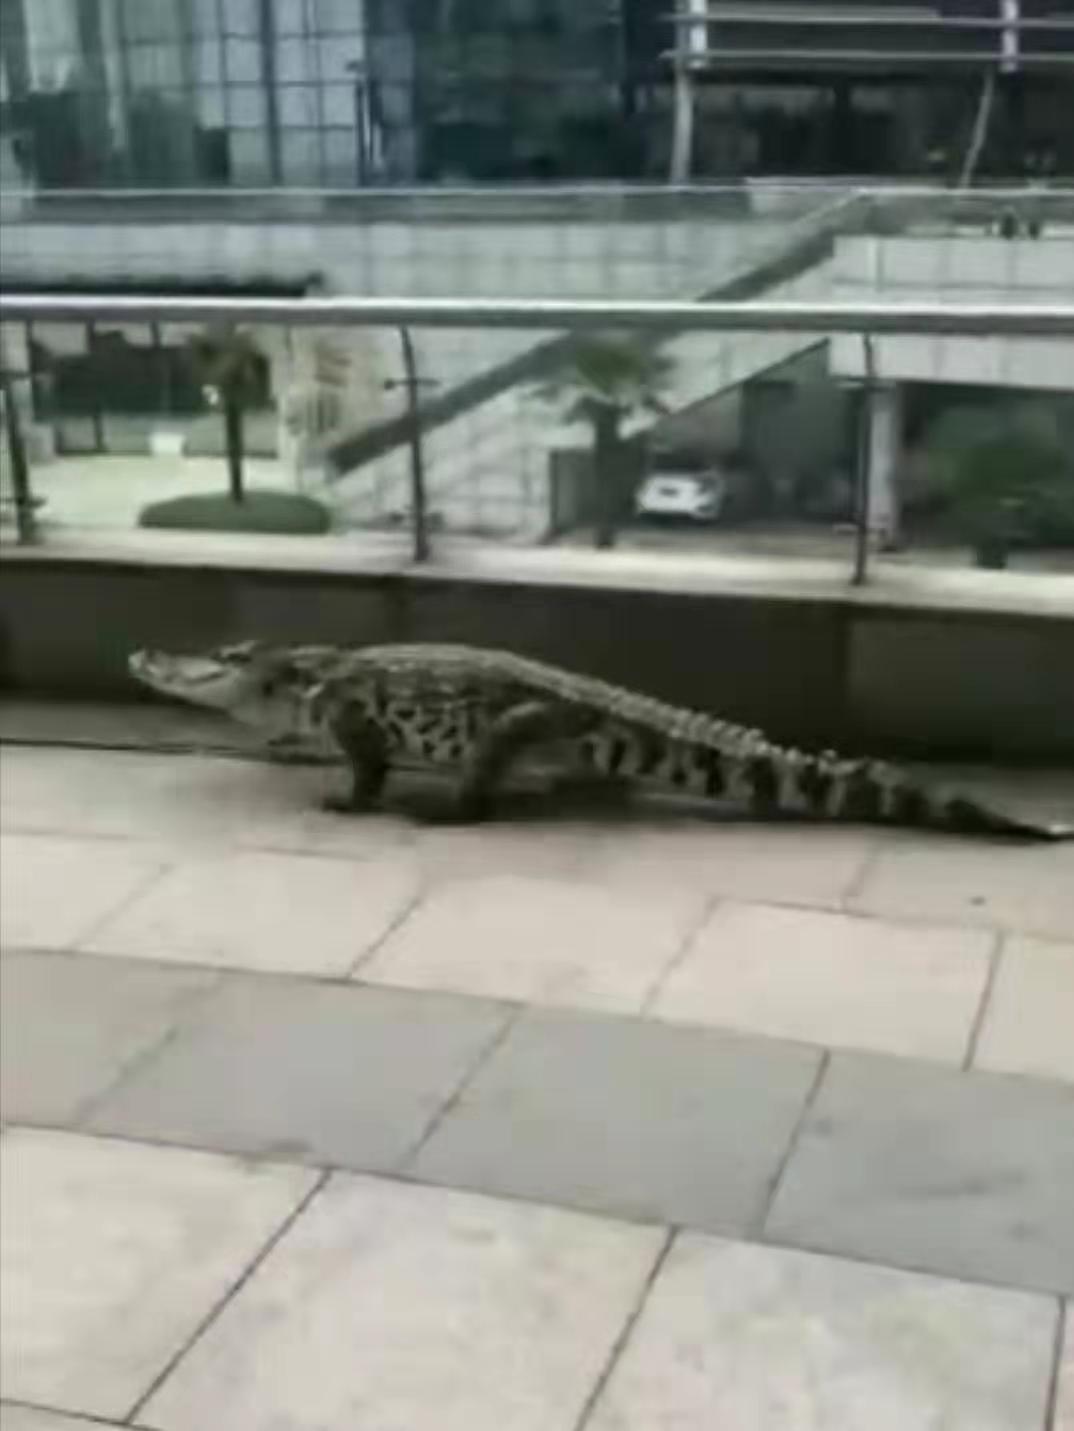 安徽芜湖因长江涨水有鳄鱼上岸?实为娱乐场所表演鳄鱼